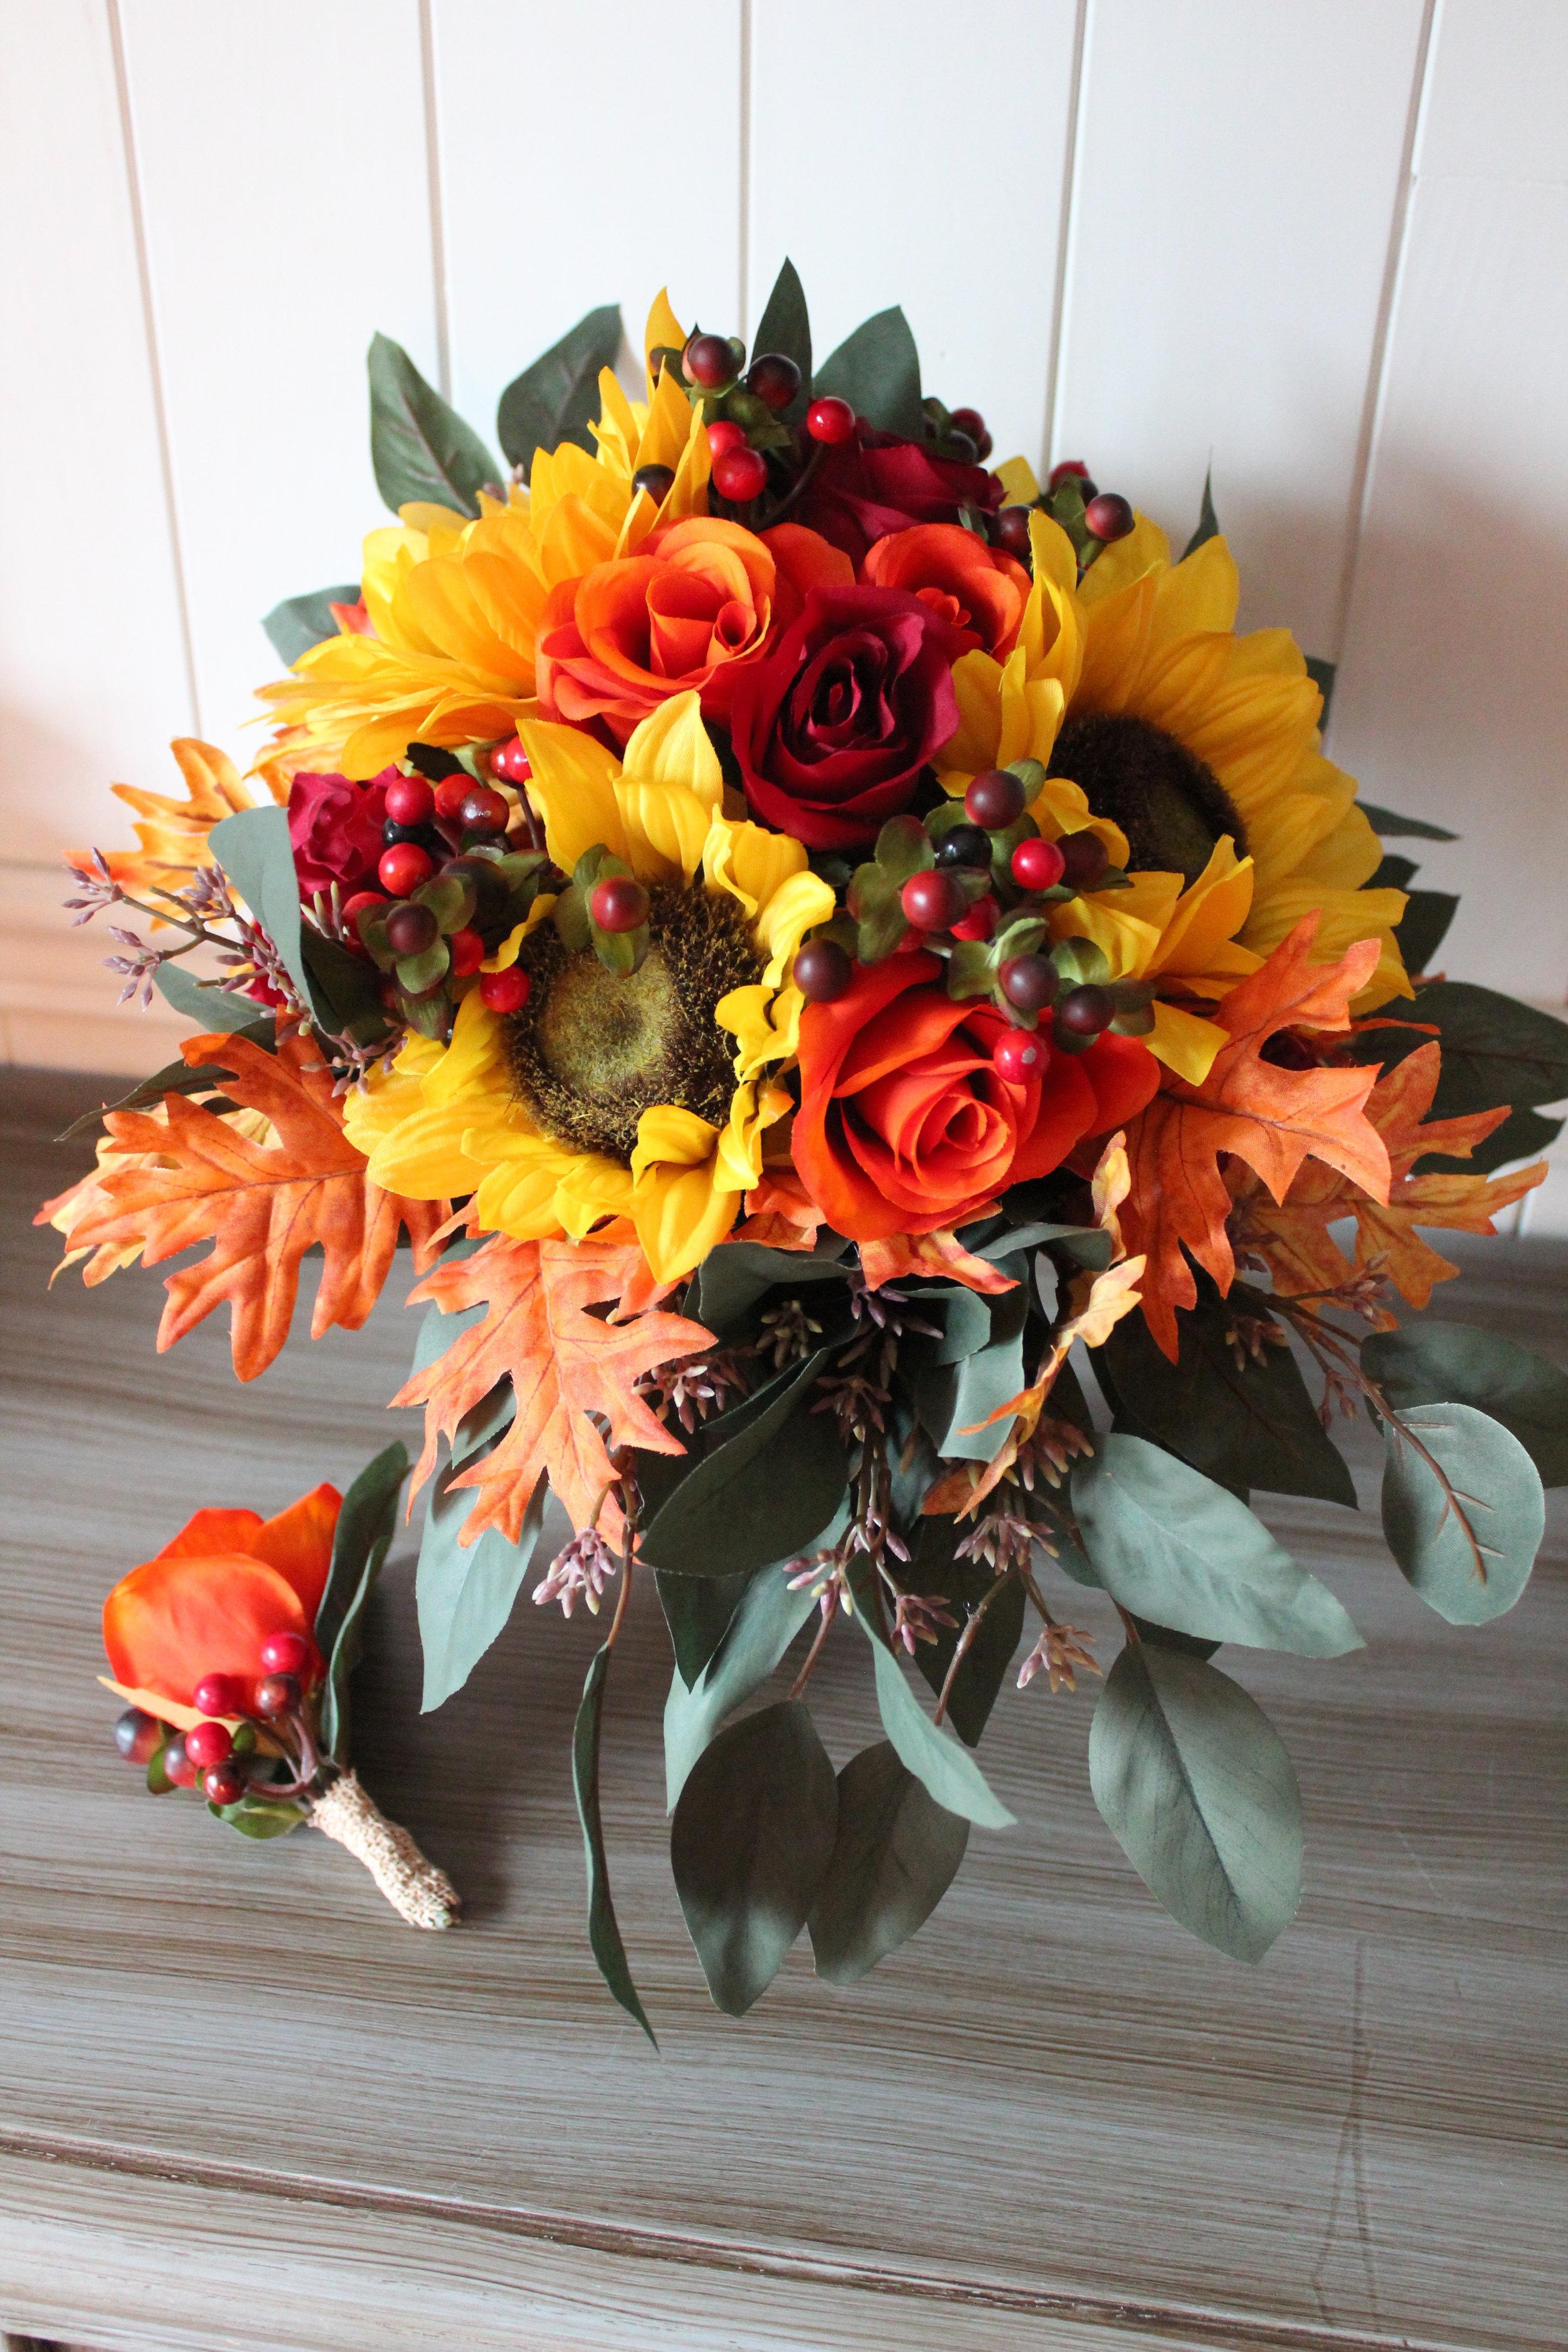 fall-wedding-bouquet-recreation-boutonniere-cake-topper-silk-flowers.jpg